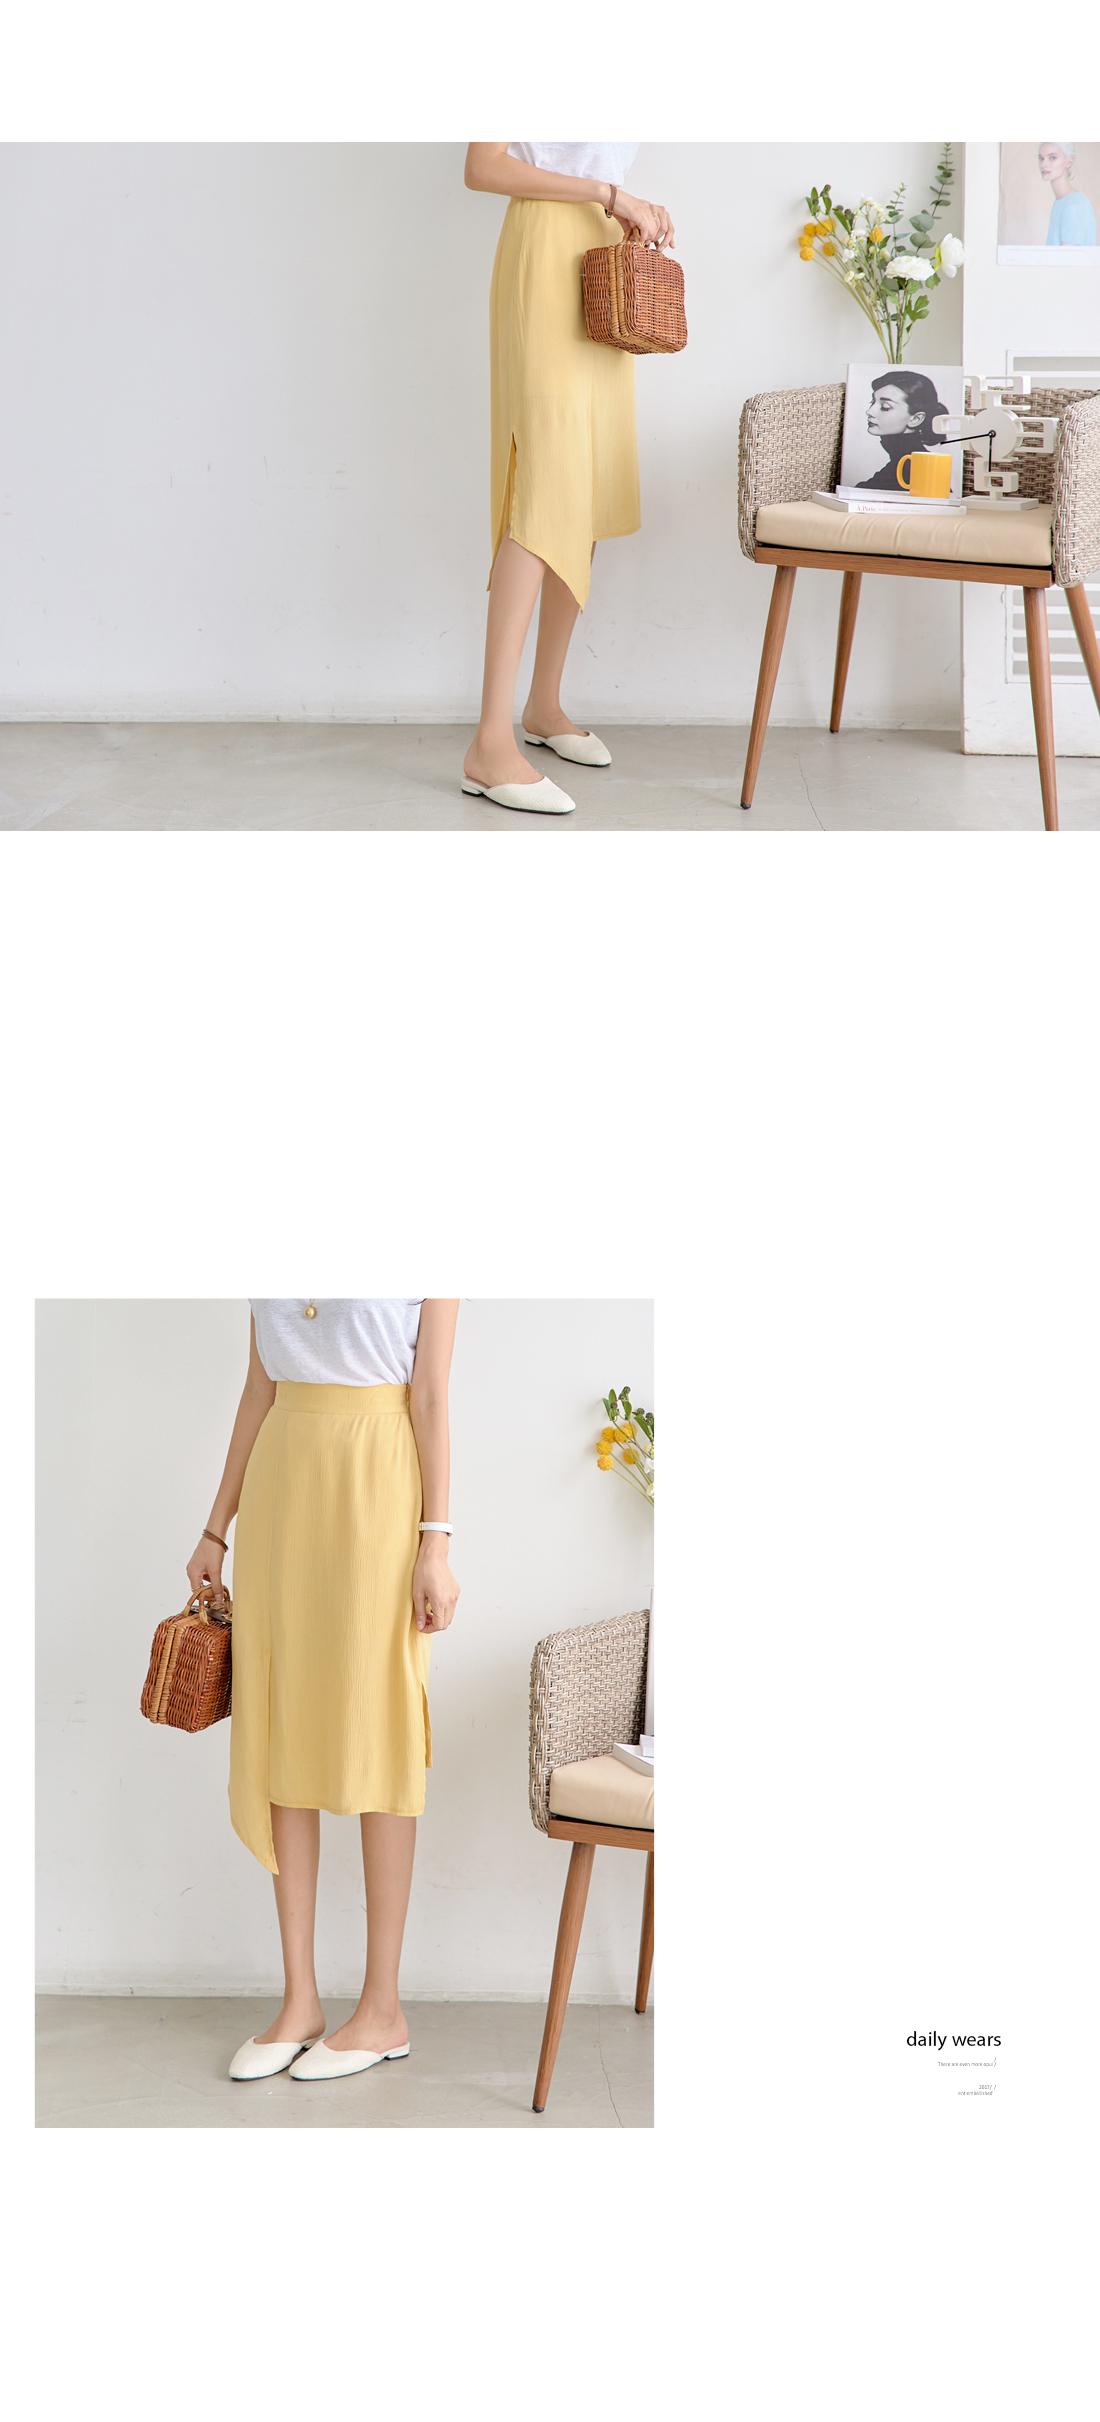 Unslit slit midi skirt #5945